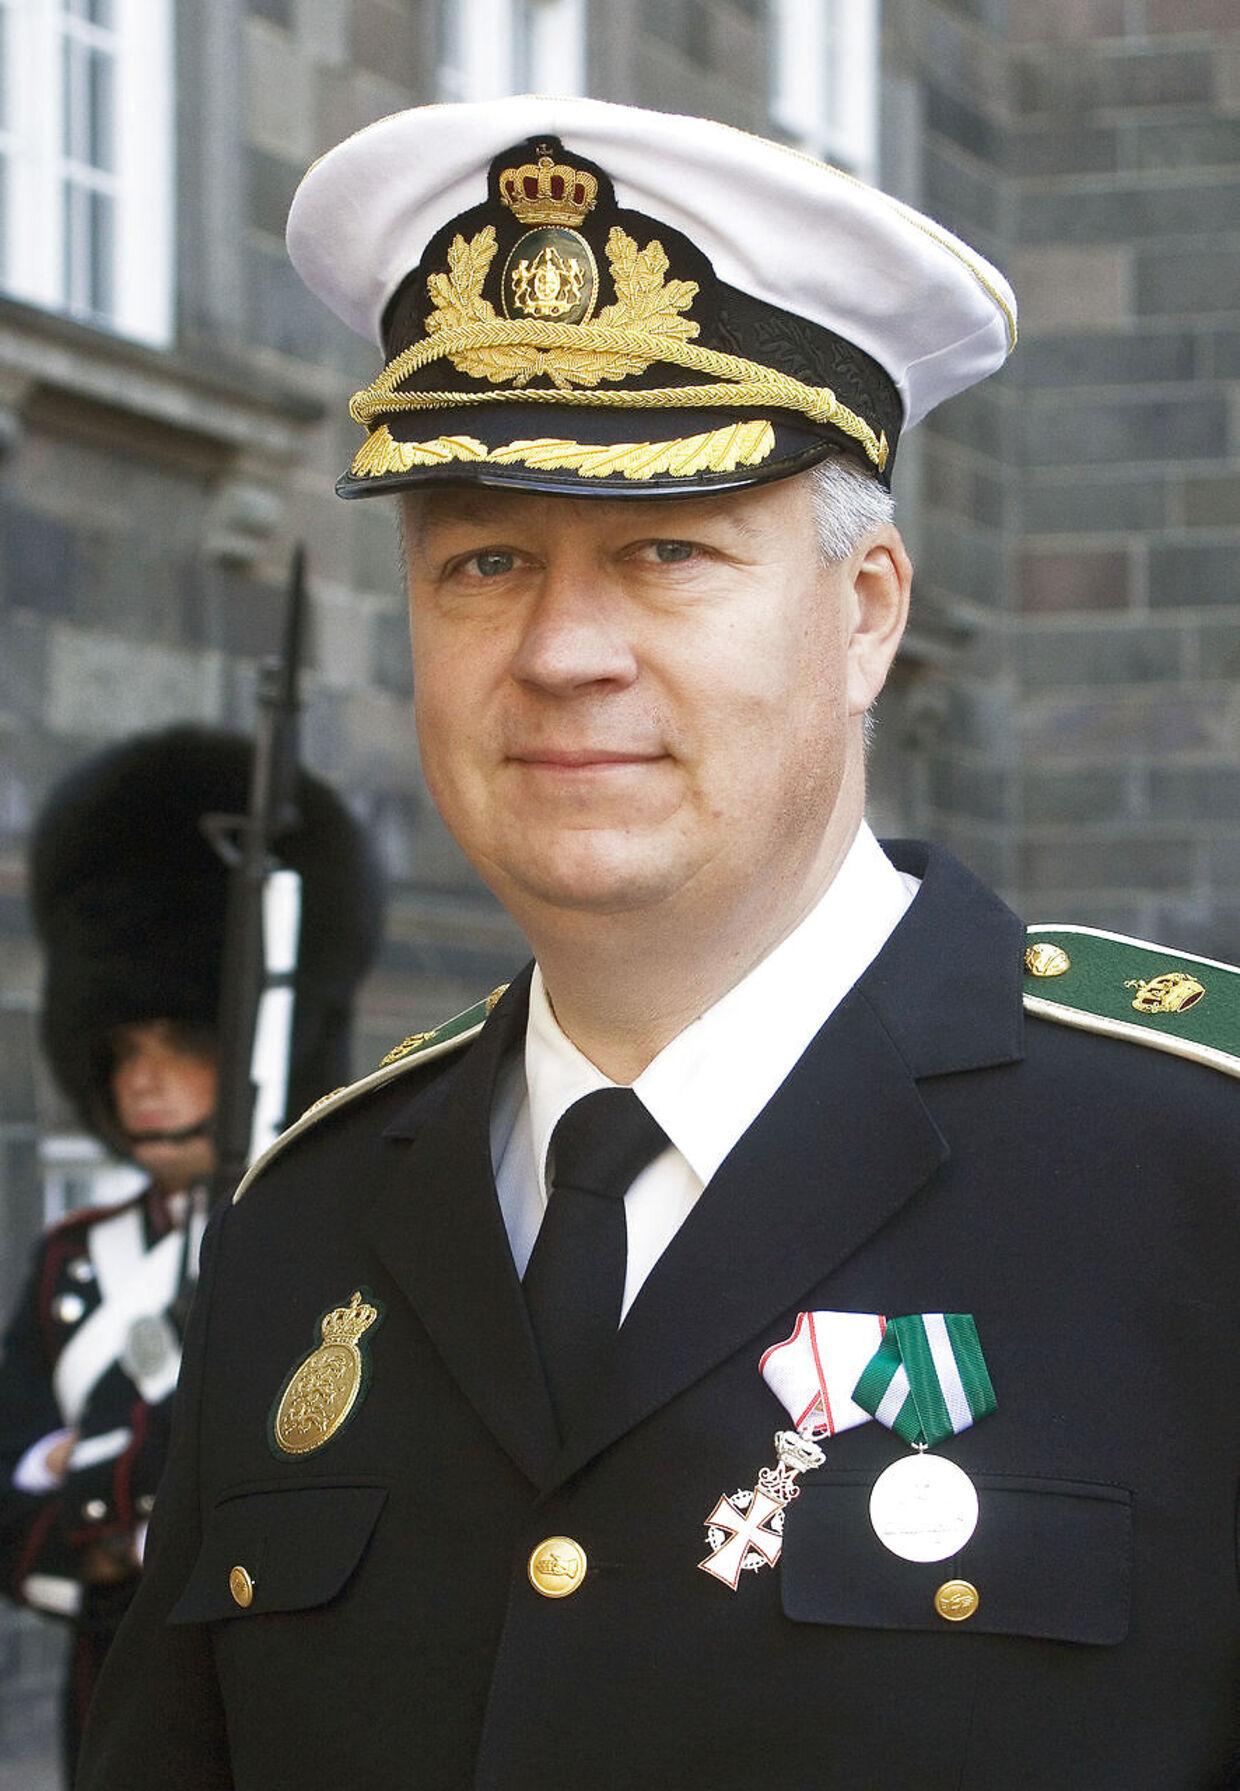 Fungerende politidirektør hos Sydsjællands og Lolland-Falsters Politi Lars Harvest.